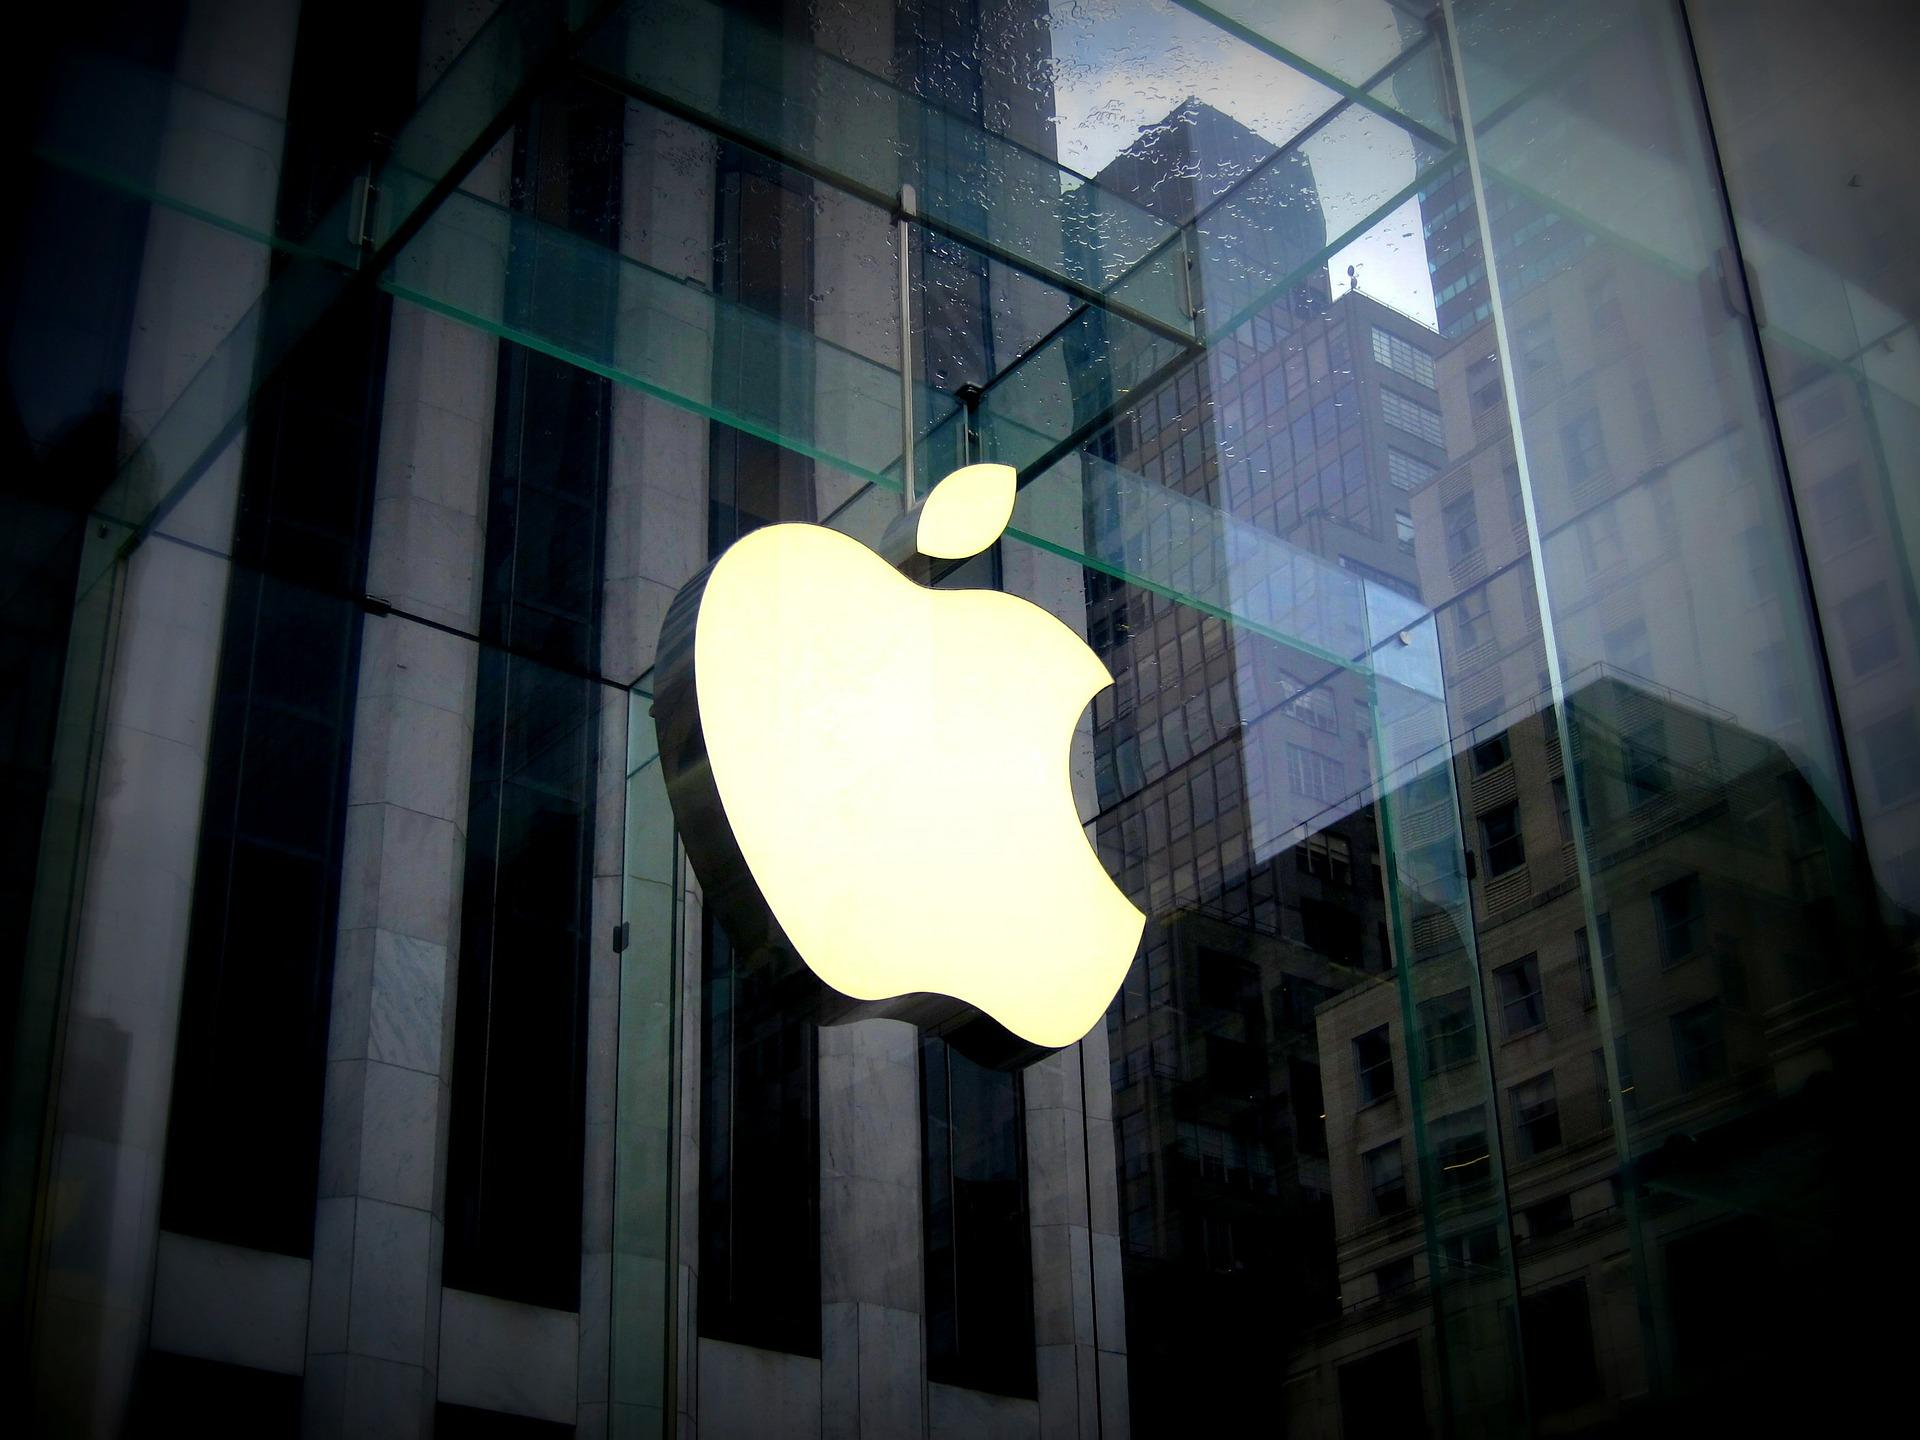 新型iPhoneの予約方法|2020年発売のiPhoneはどのキャリアが一番得するか?